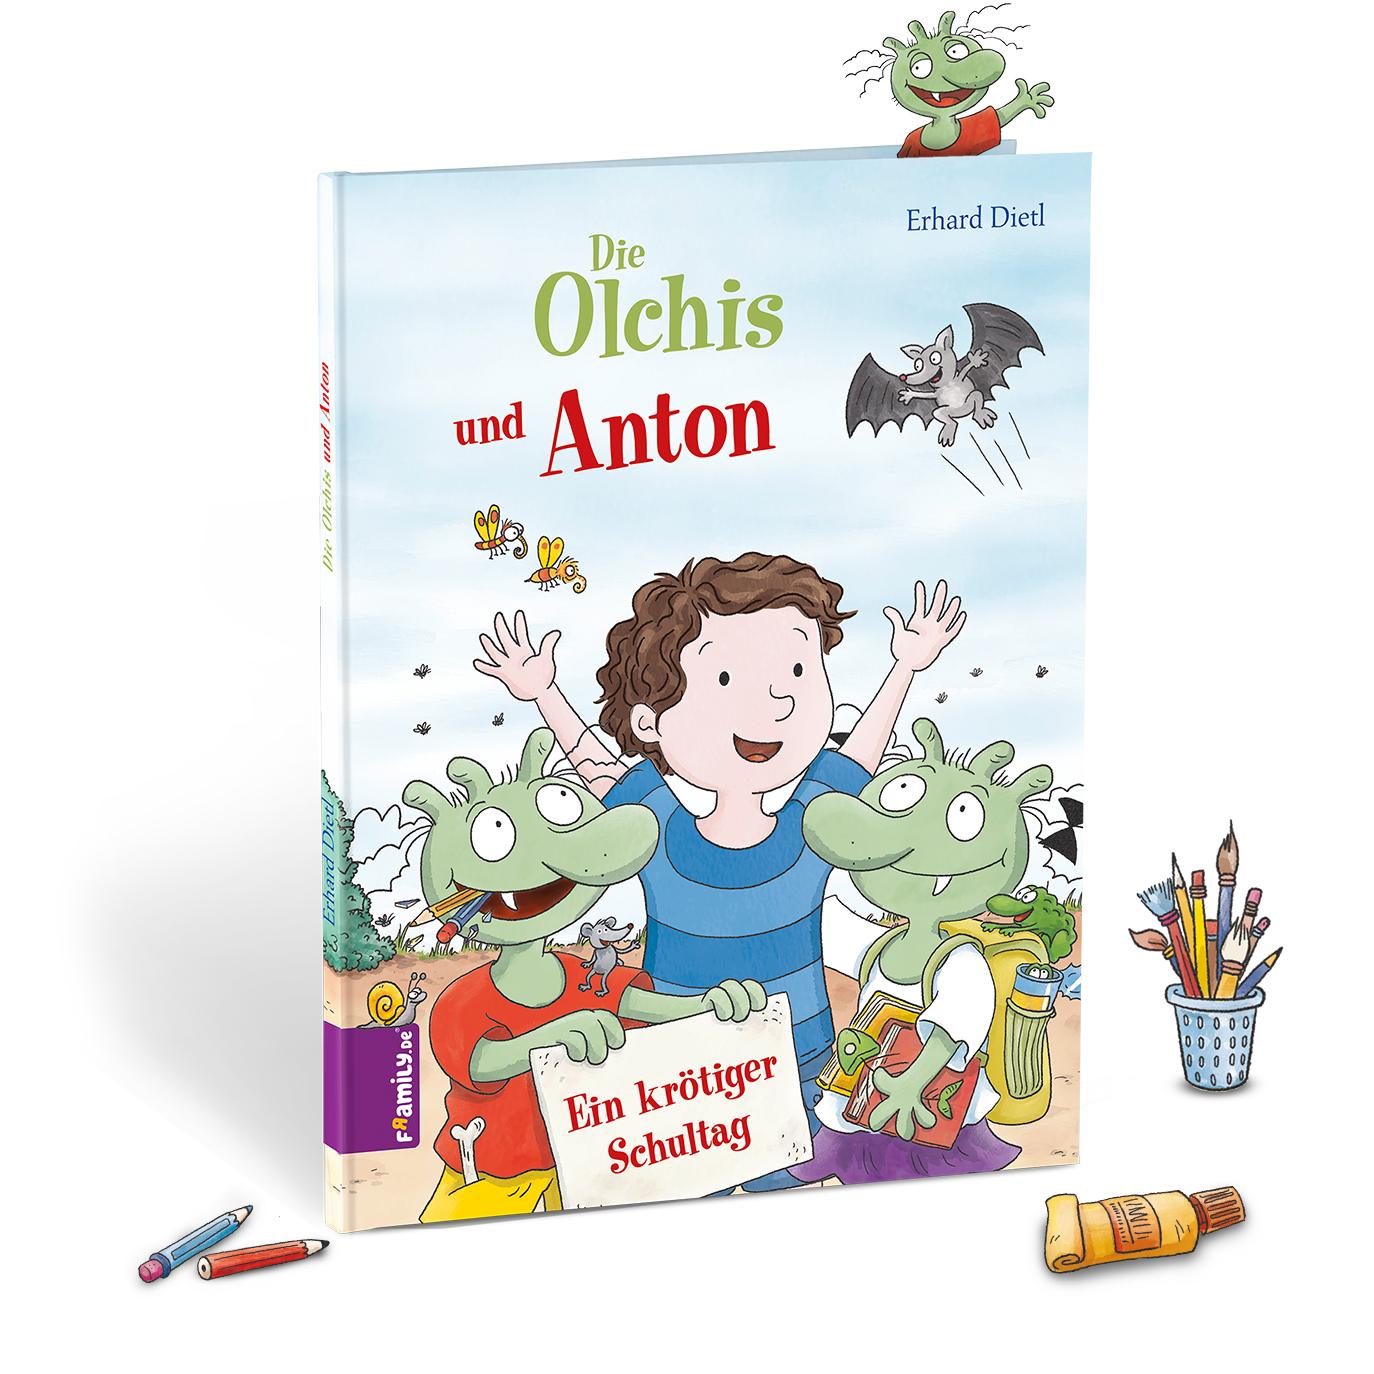 Olchis Schule - personalisierte Kinderbuecher